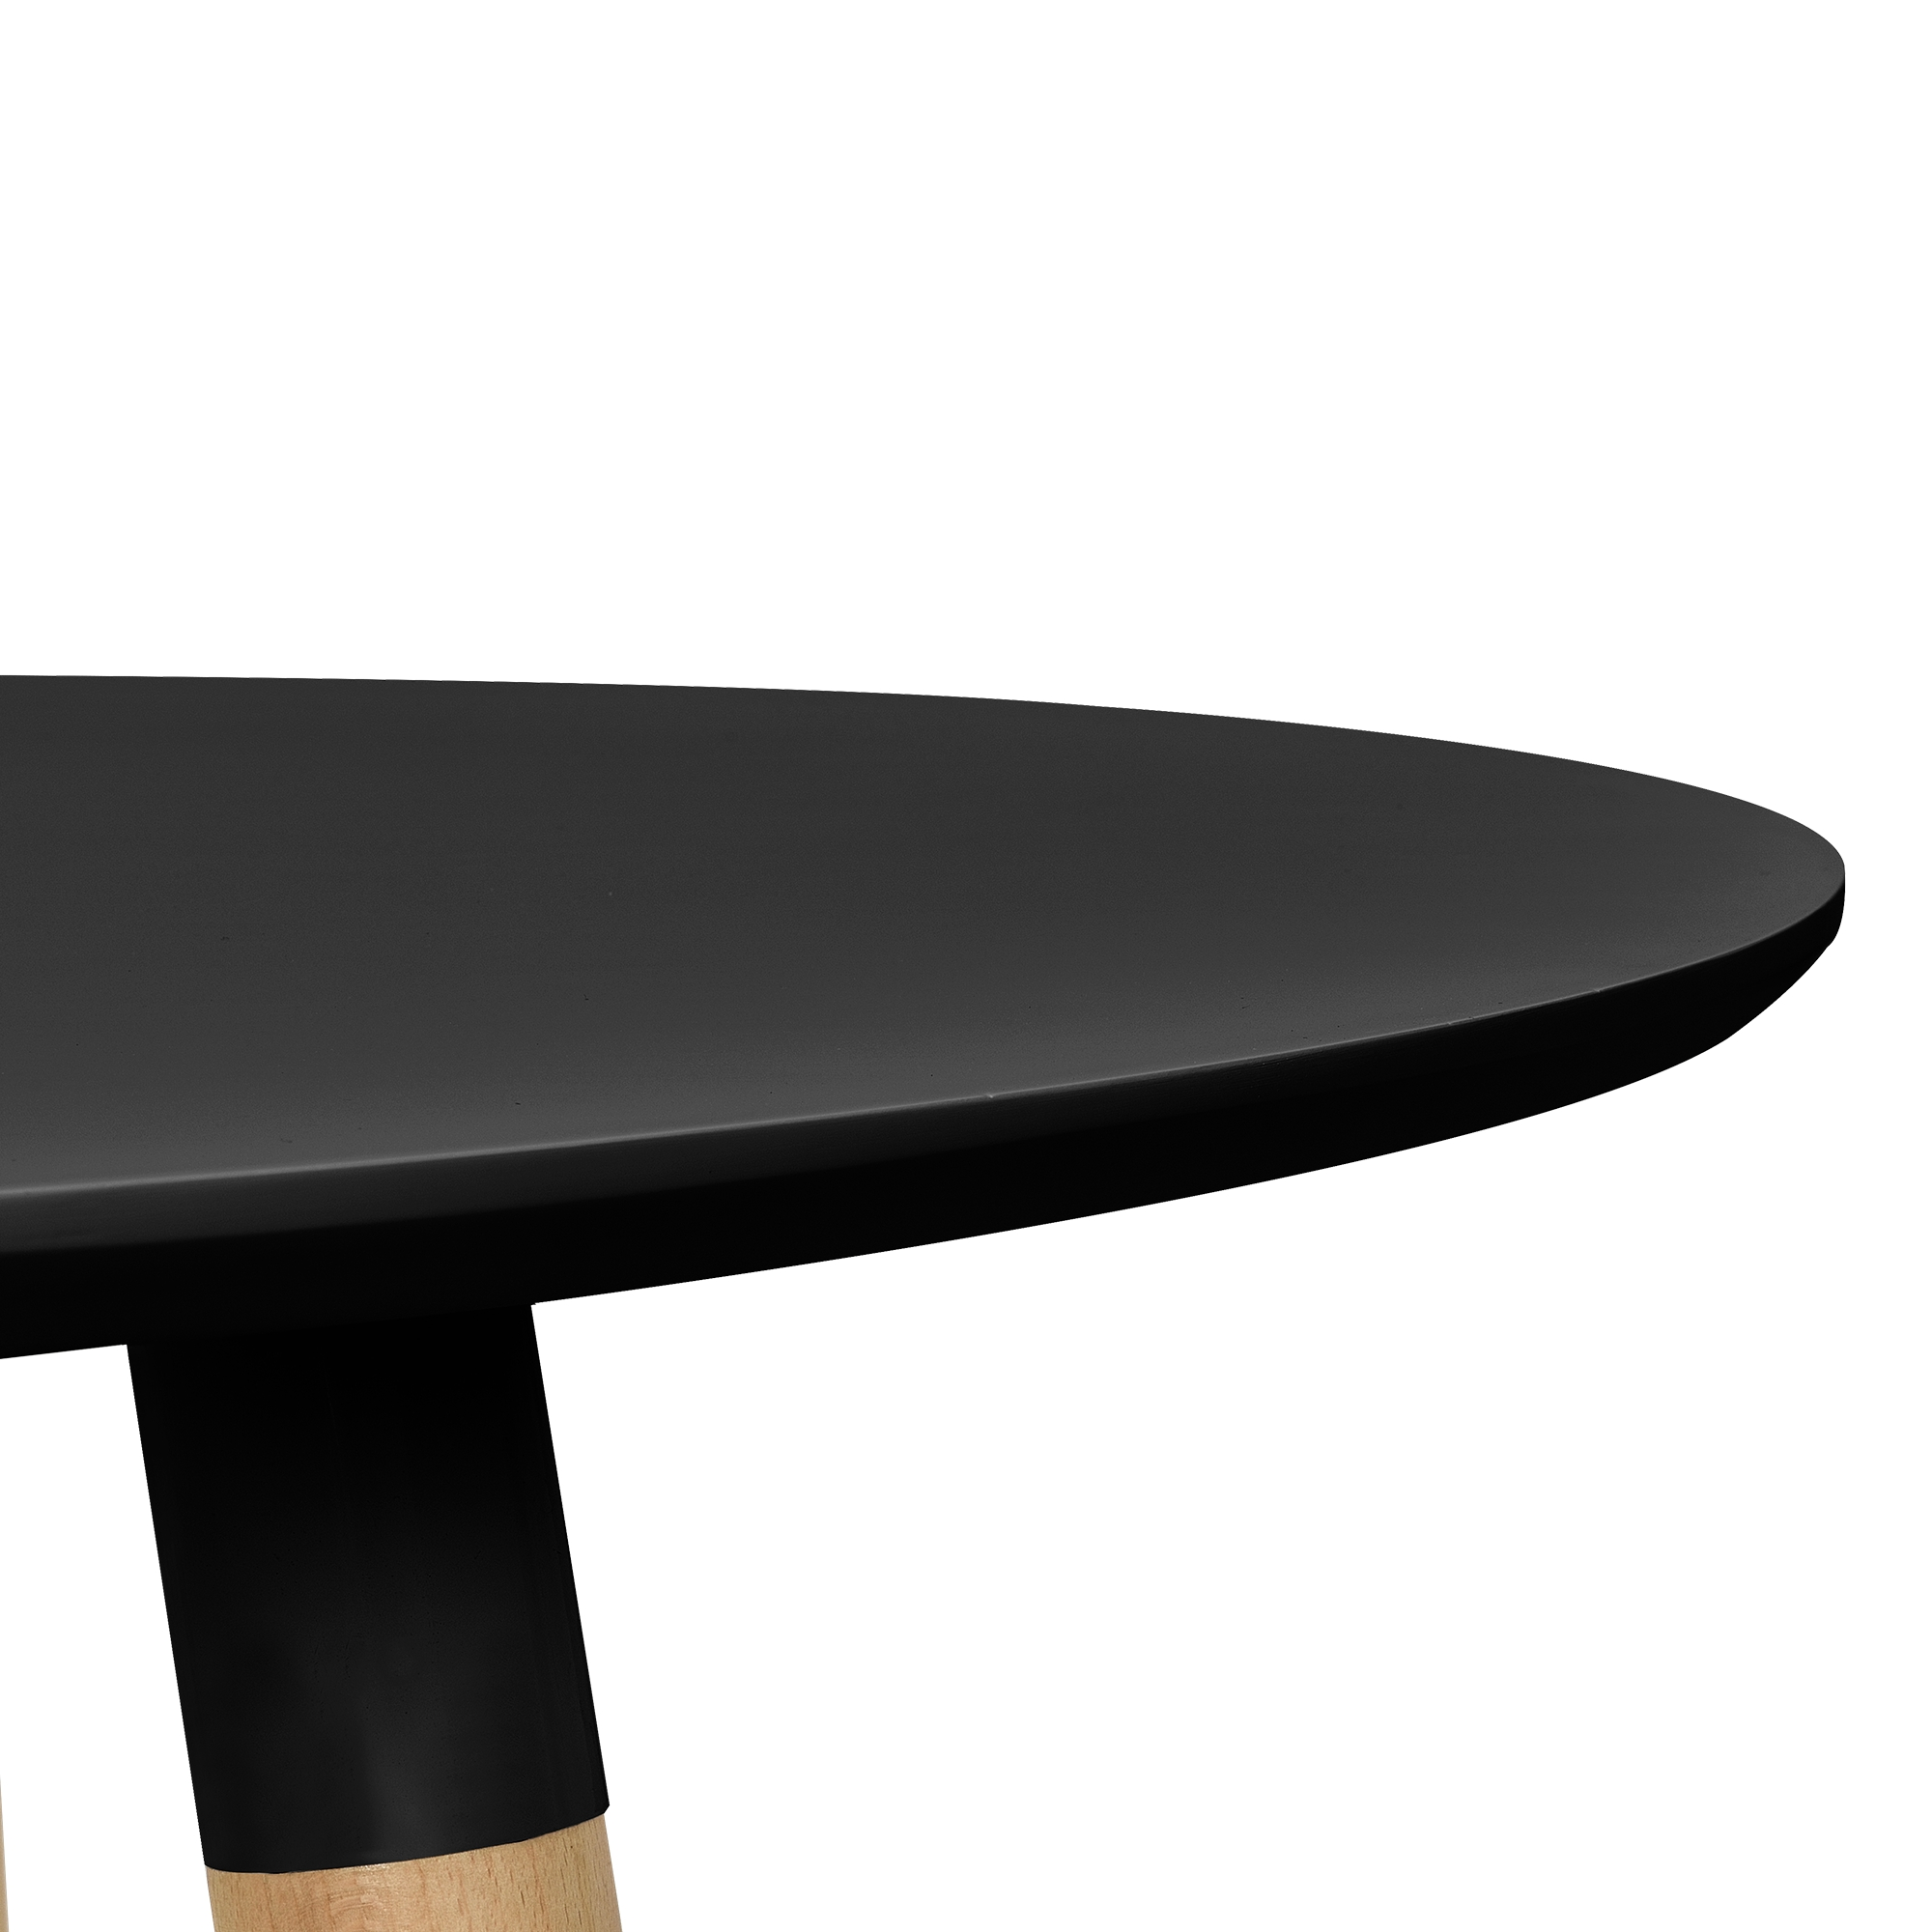 Table de salle manger noir mit 3 chaises blanc for Table salle a manger 80 cm largeur